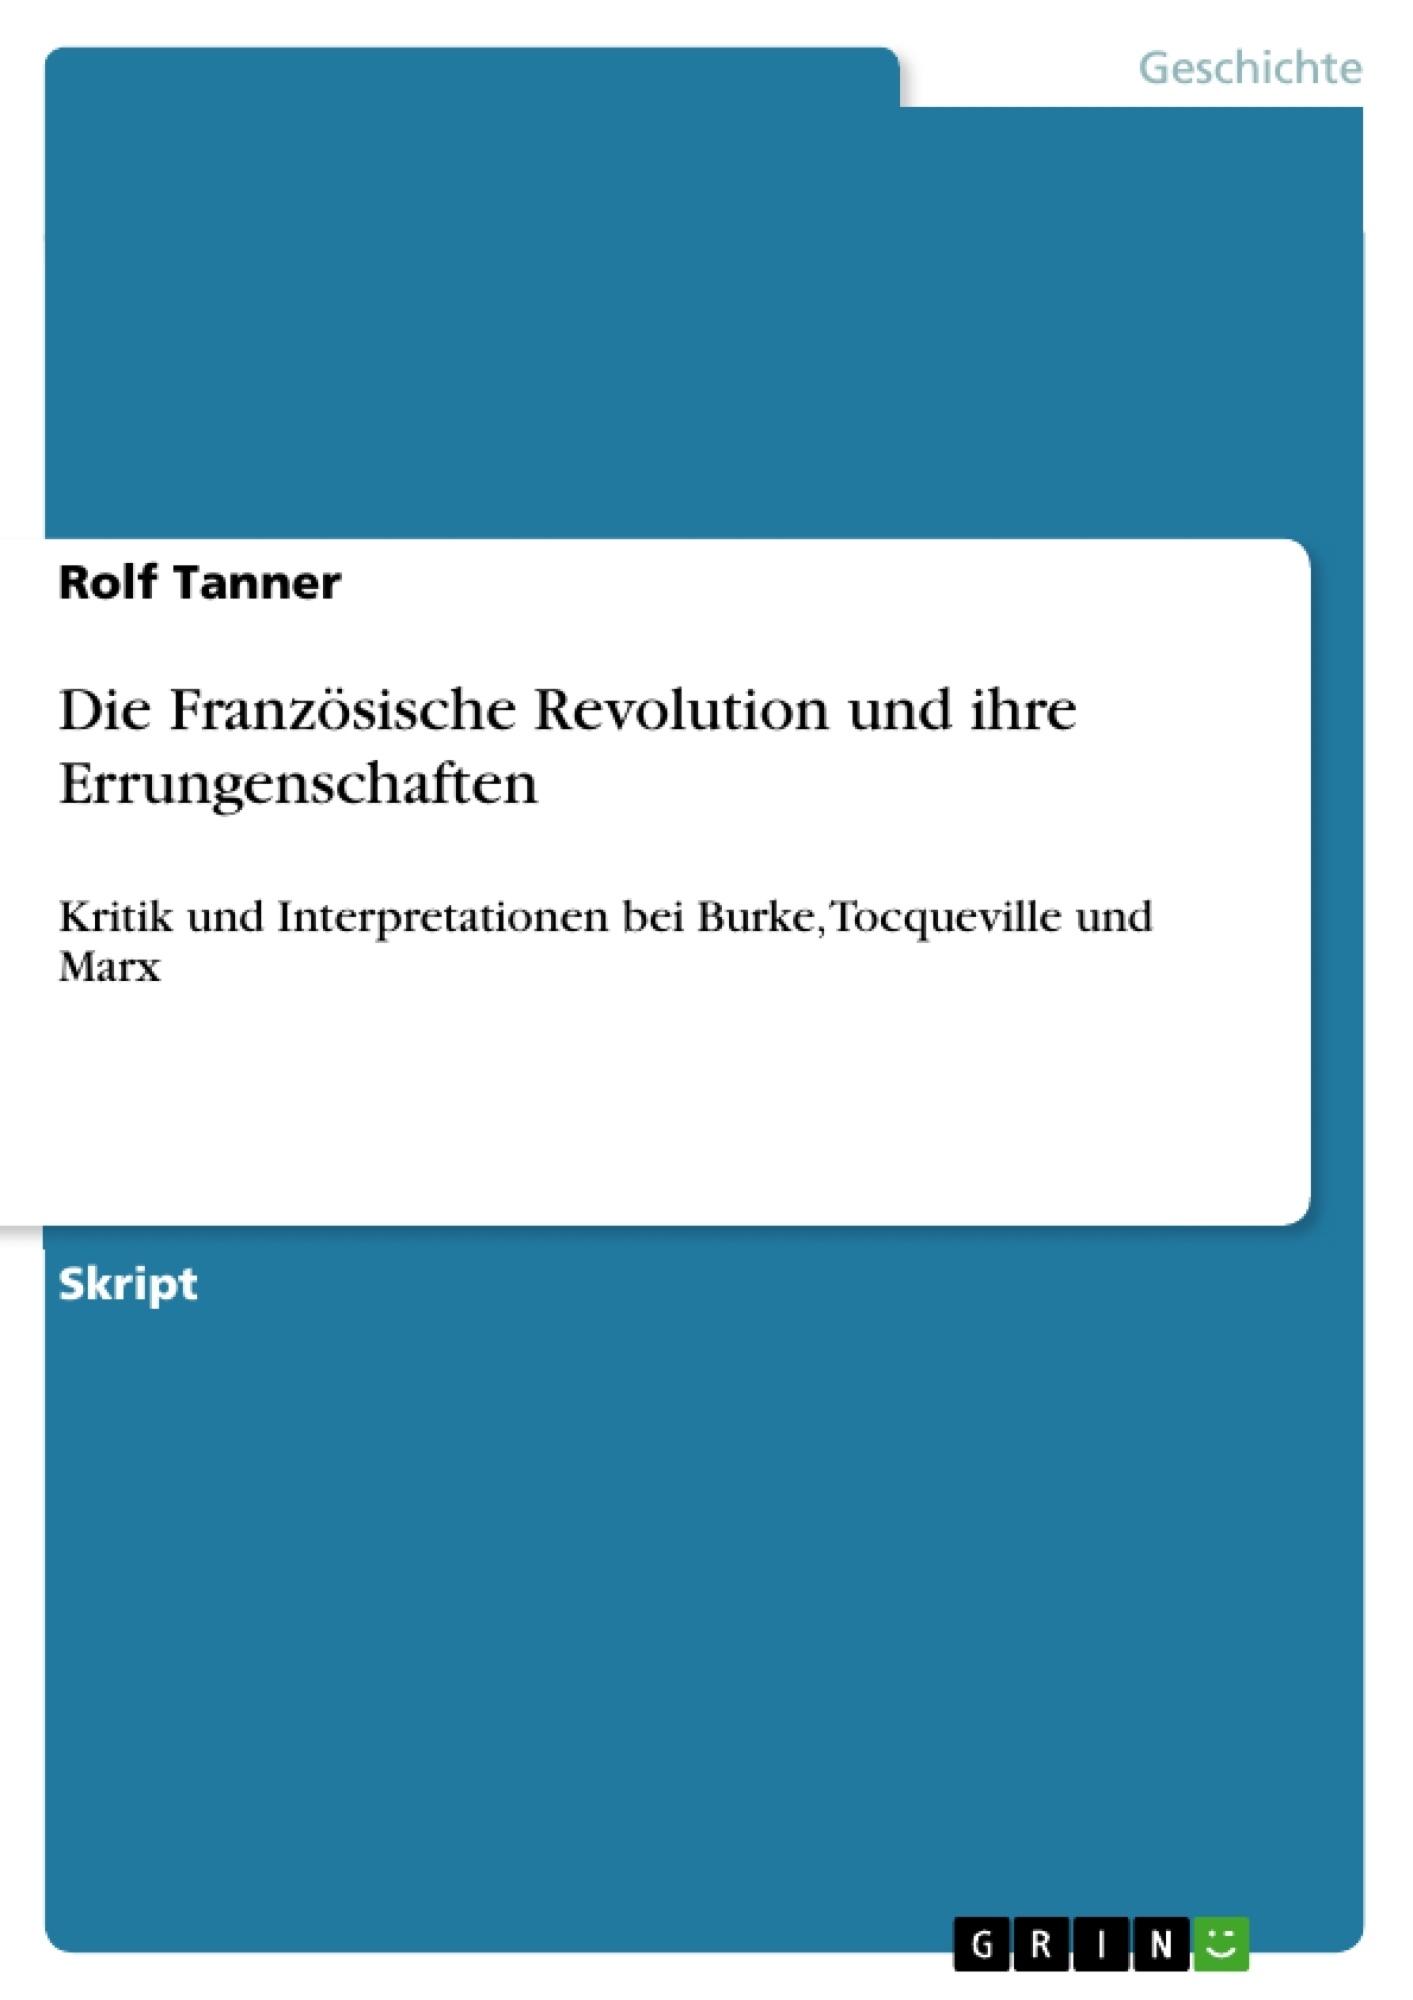 Titel: Die Französische Revolution und ihre Errungenschaften